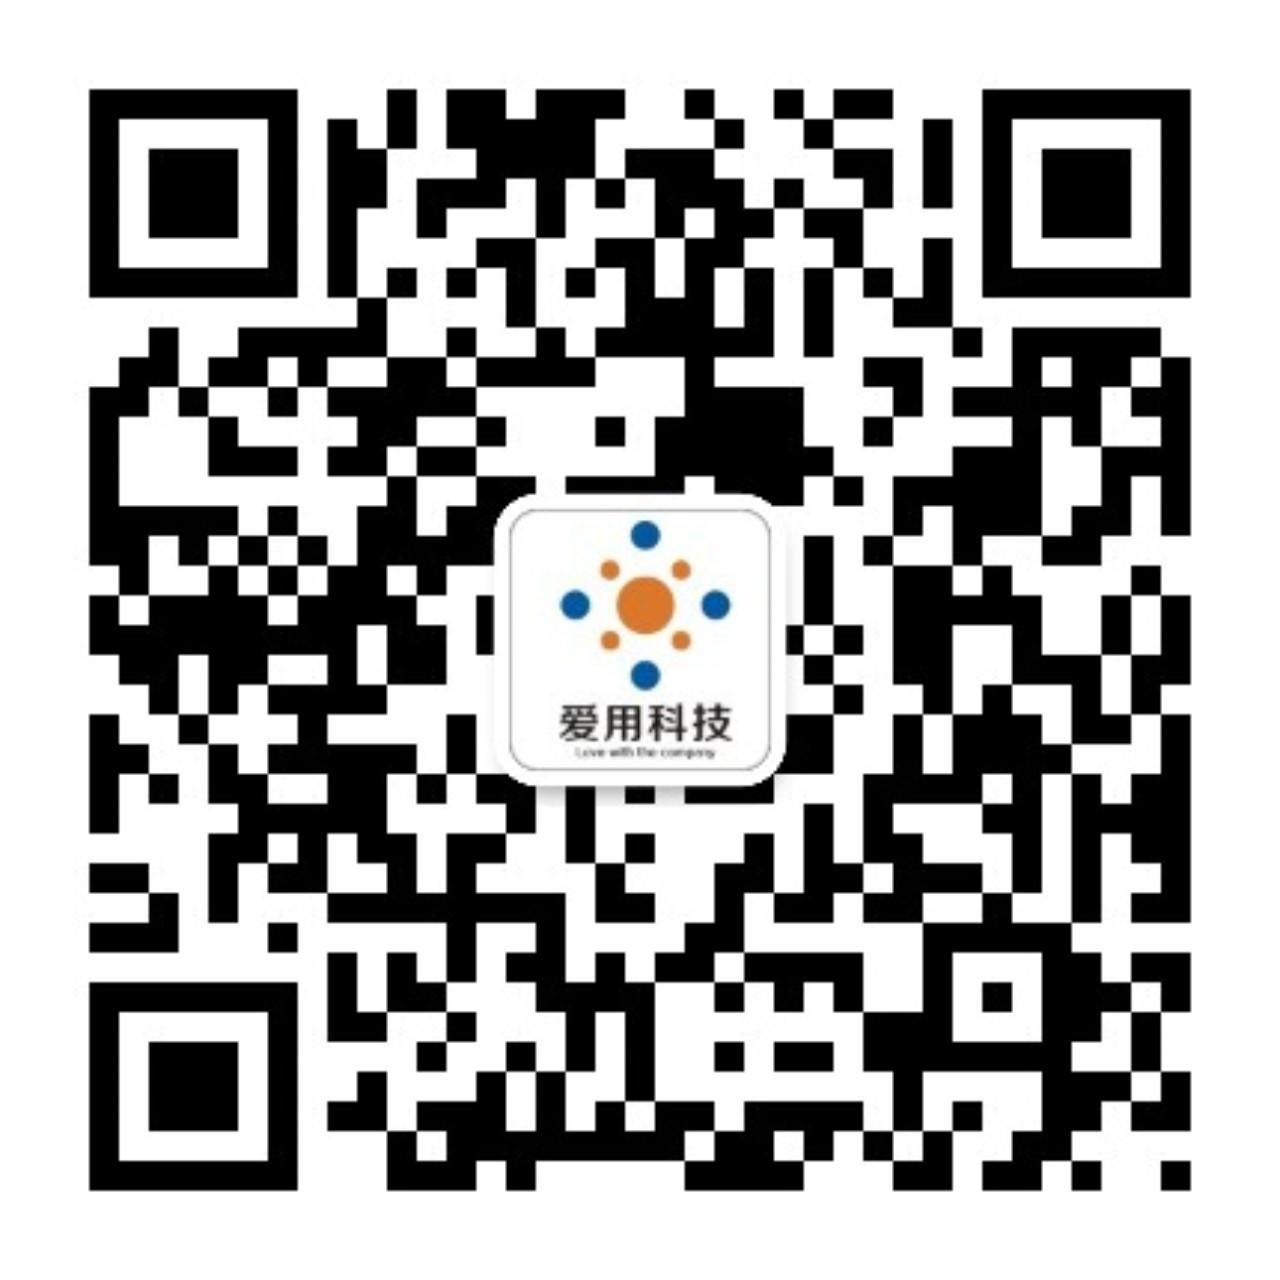 郏县生活网官方微信